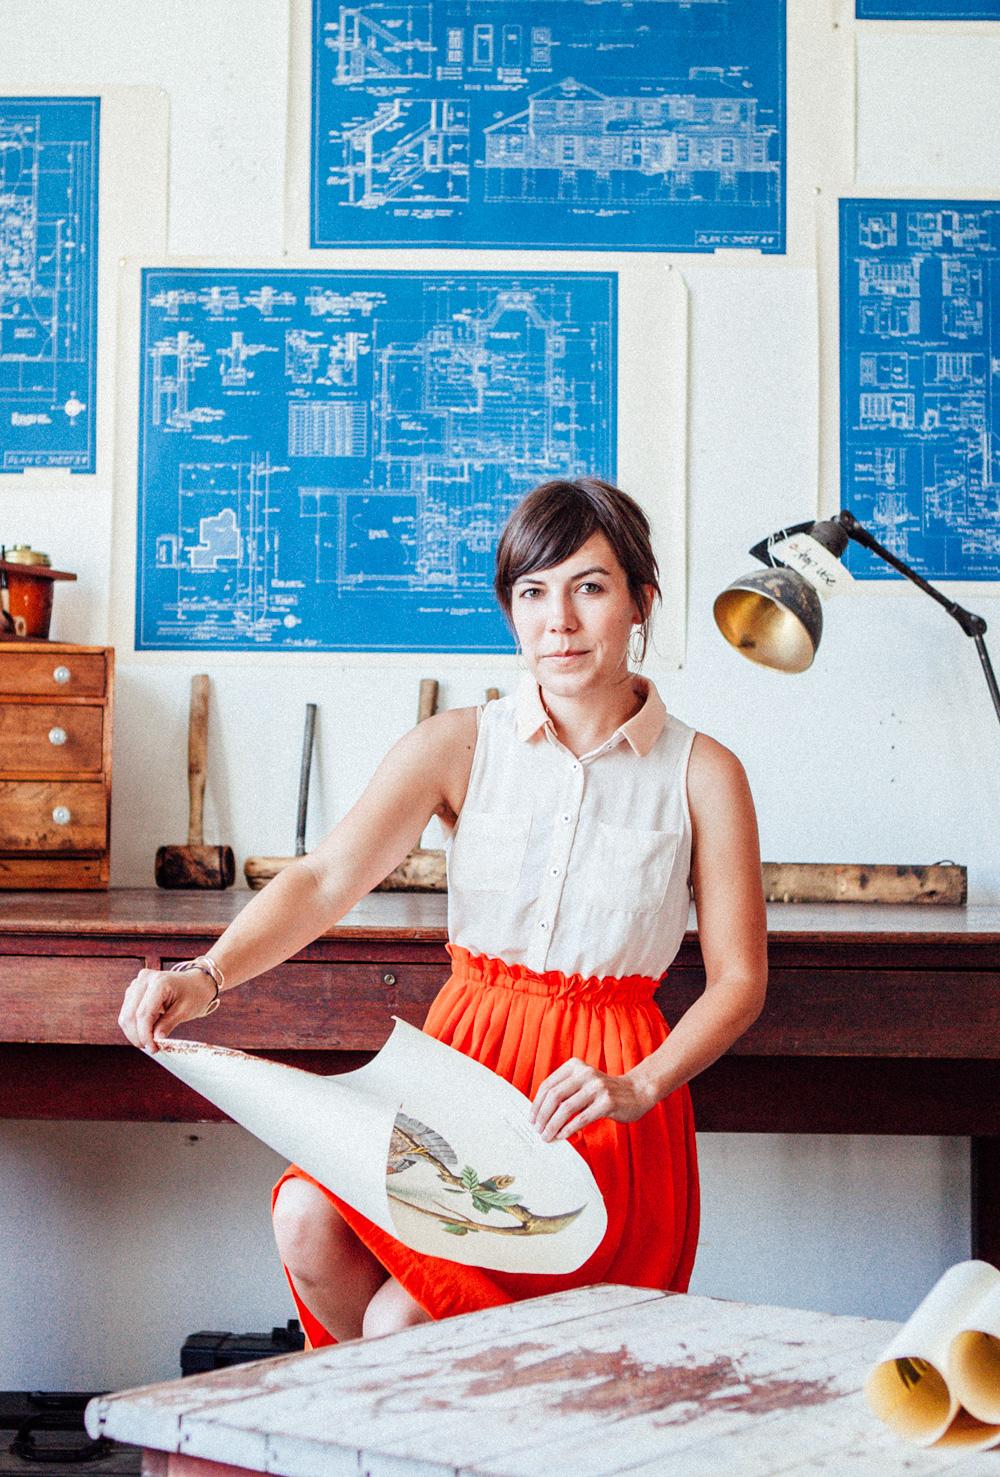 Laura Dart, Photographer